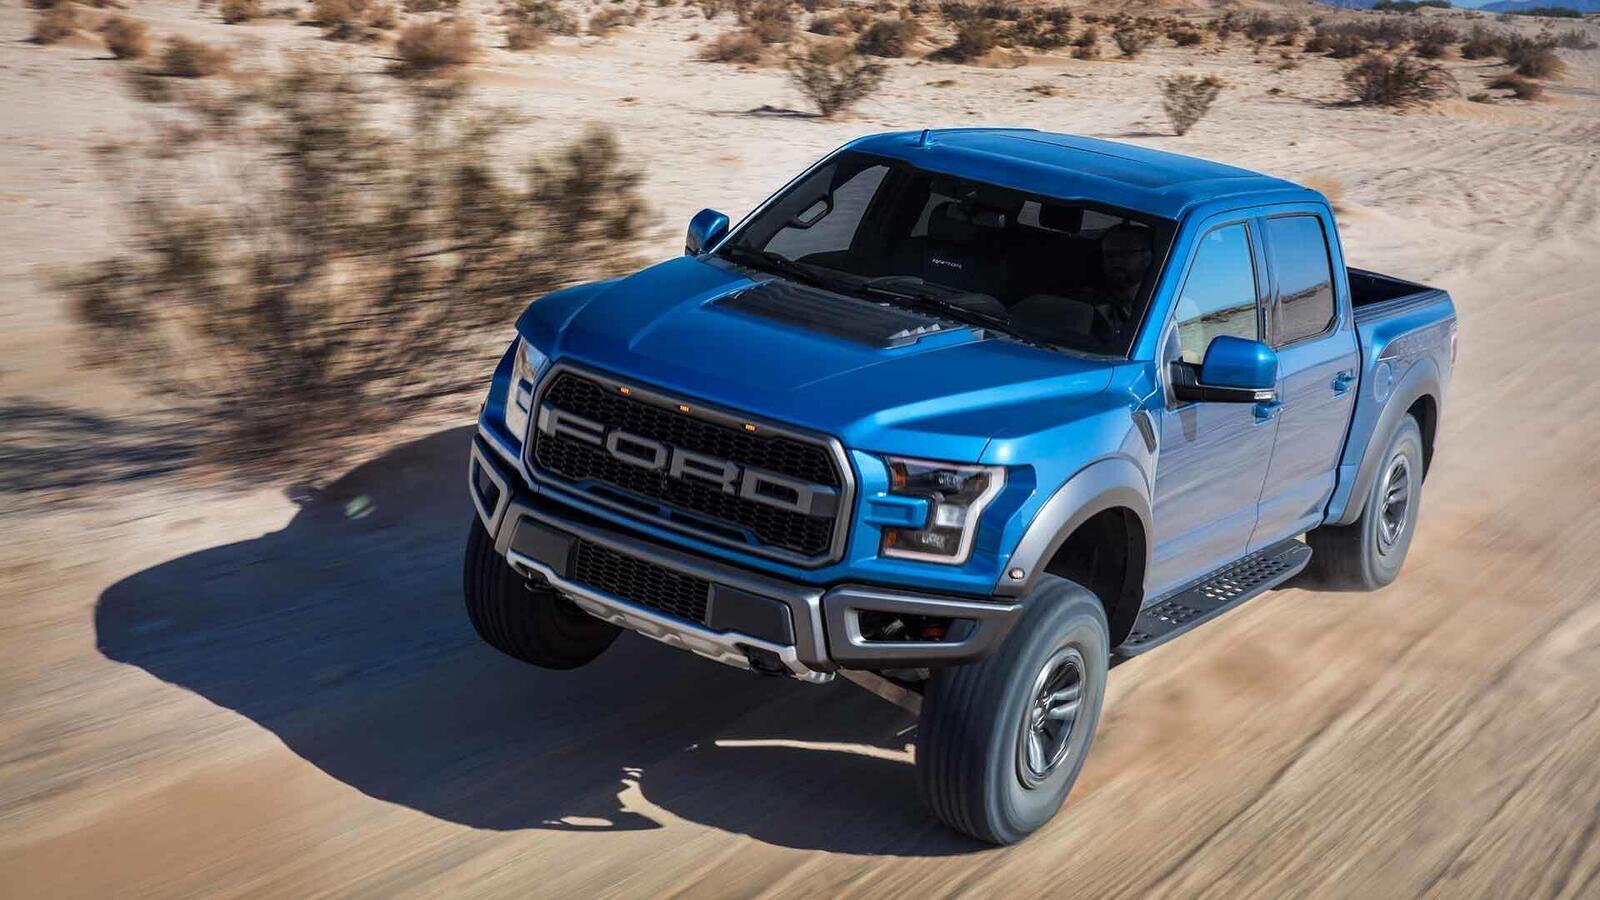 Ford F-150 Raptor 2019 sẽ được trang bị Cruise Control dành cho Off-Road - Hình 4